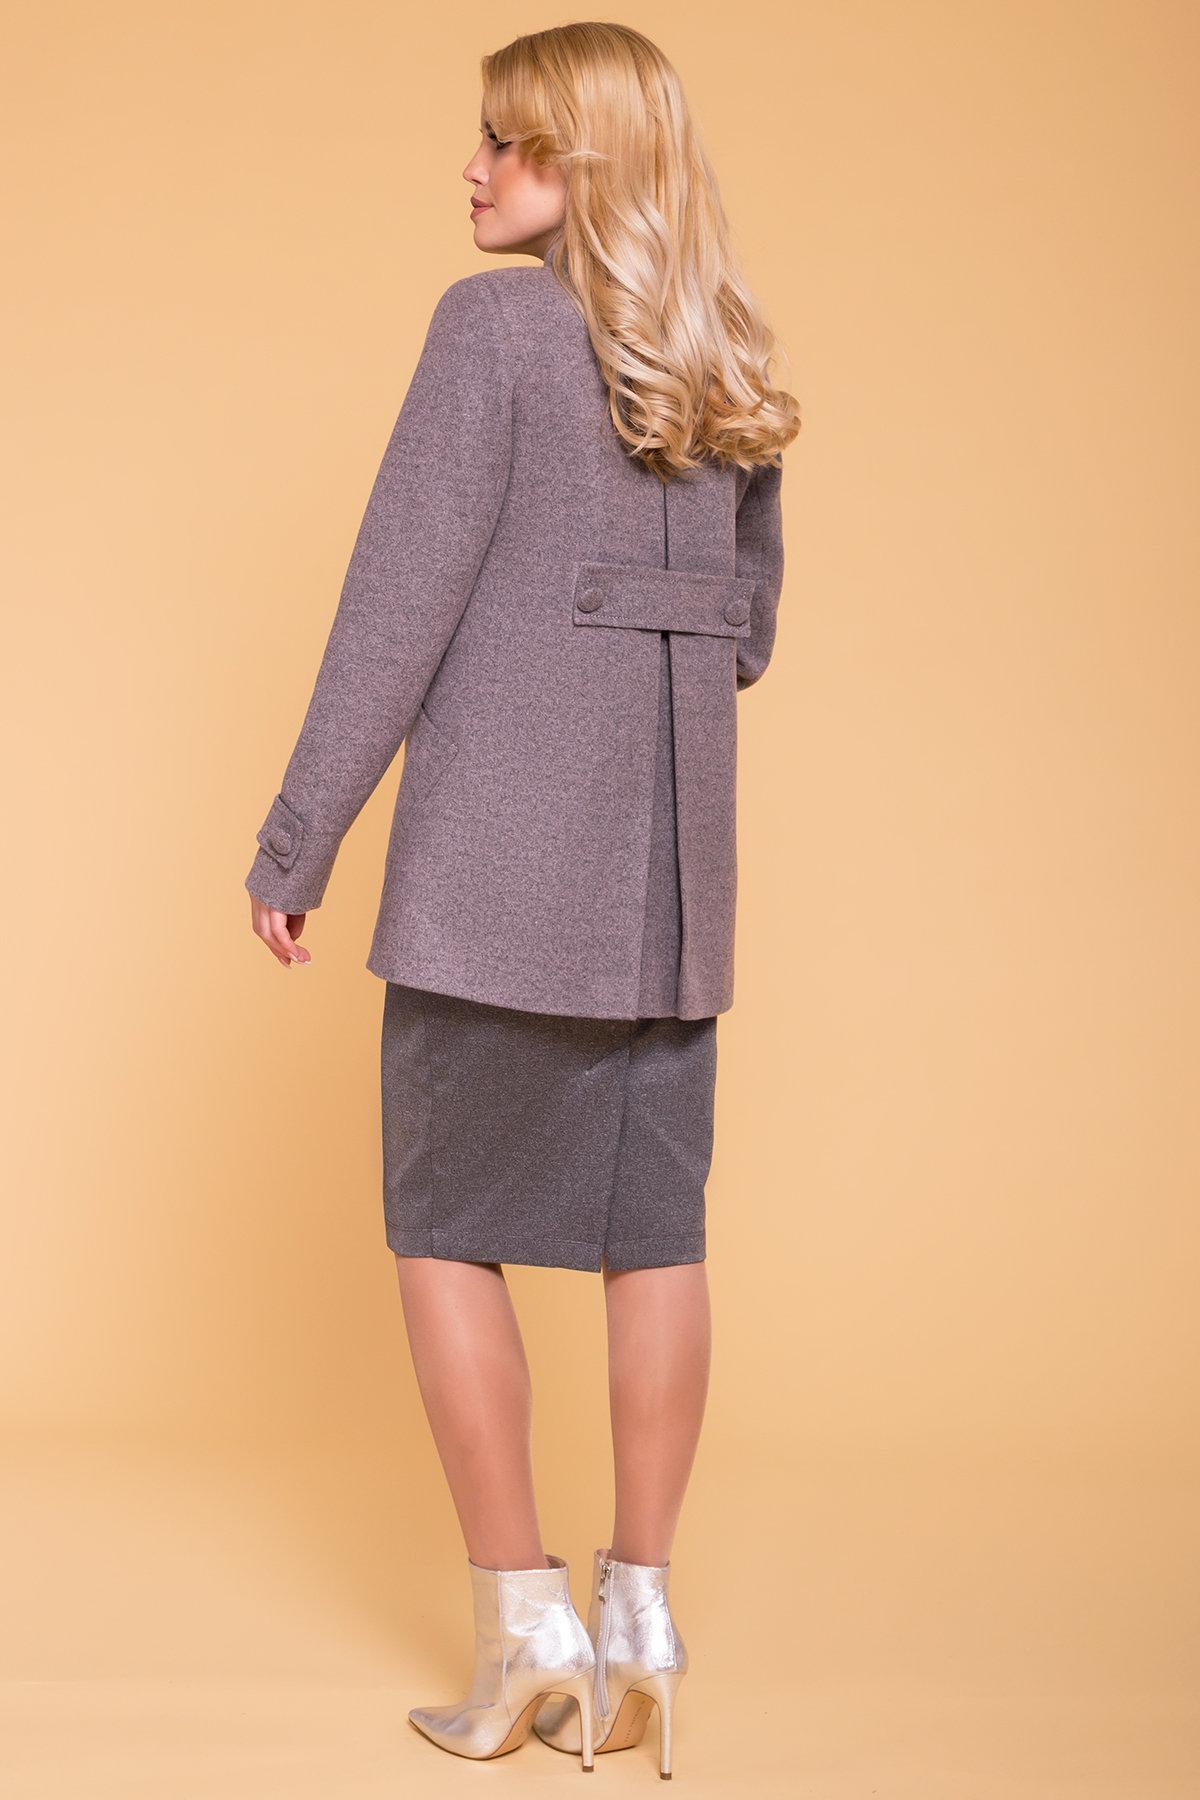 Пальто Латте 5636 Цвет: Серый/розовый